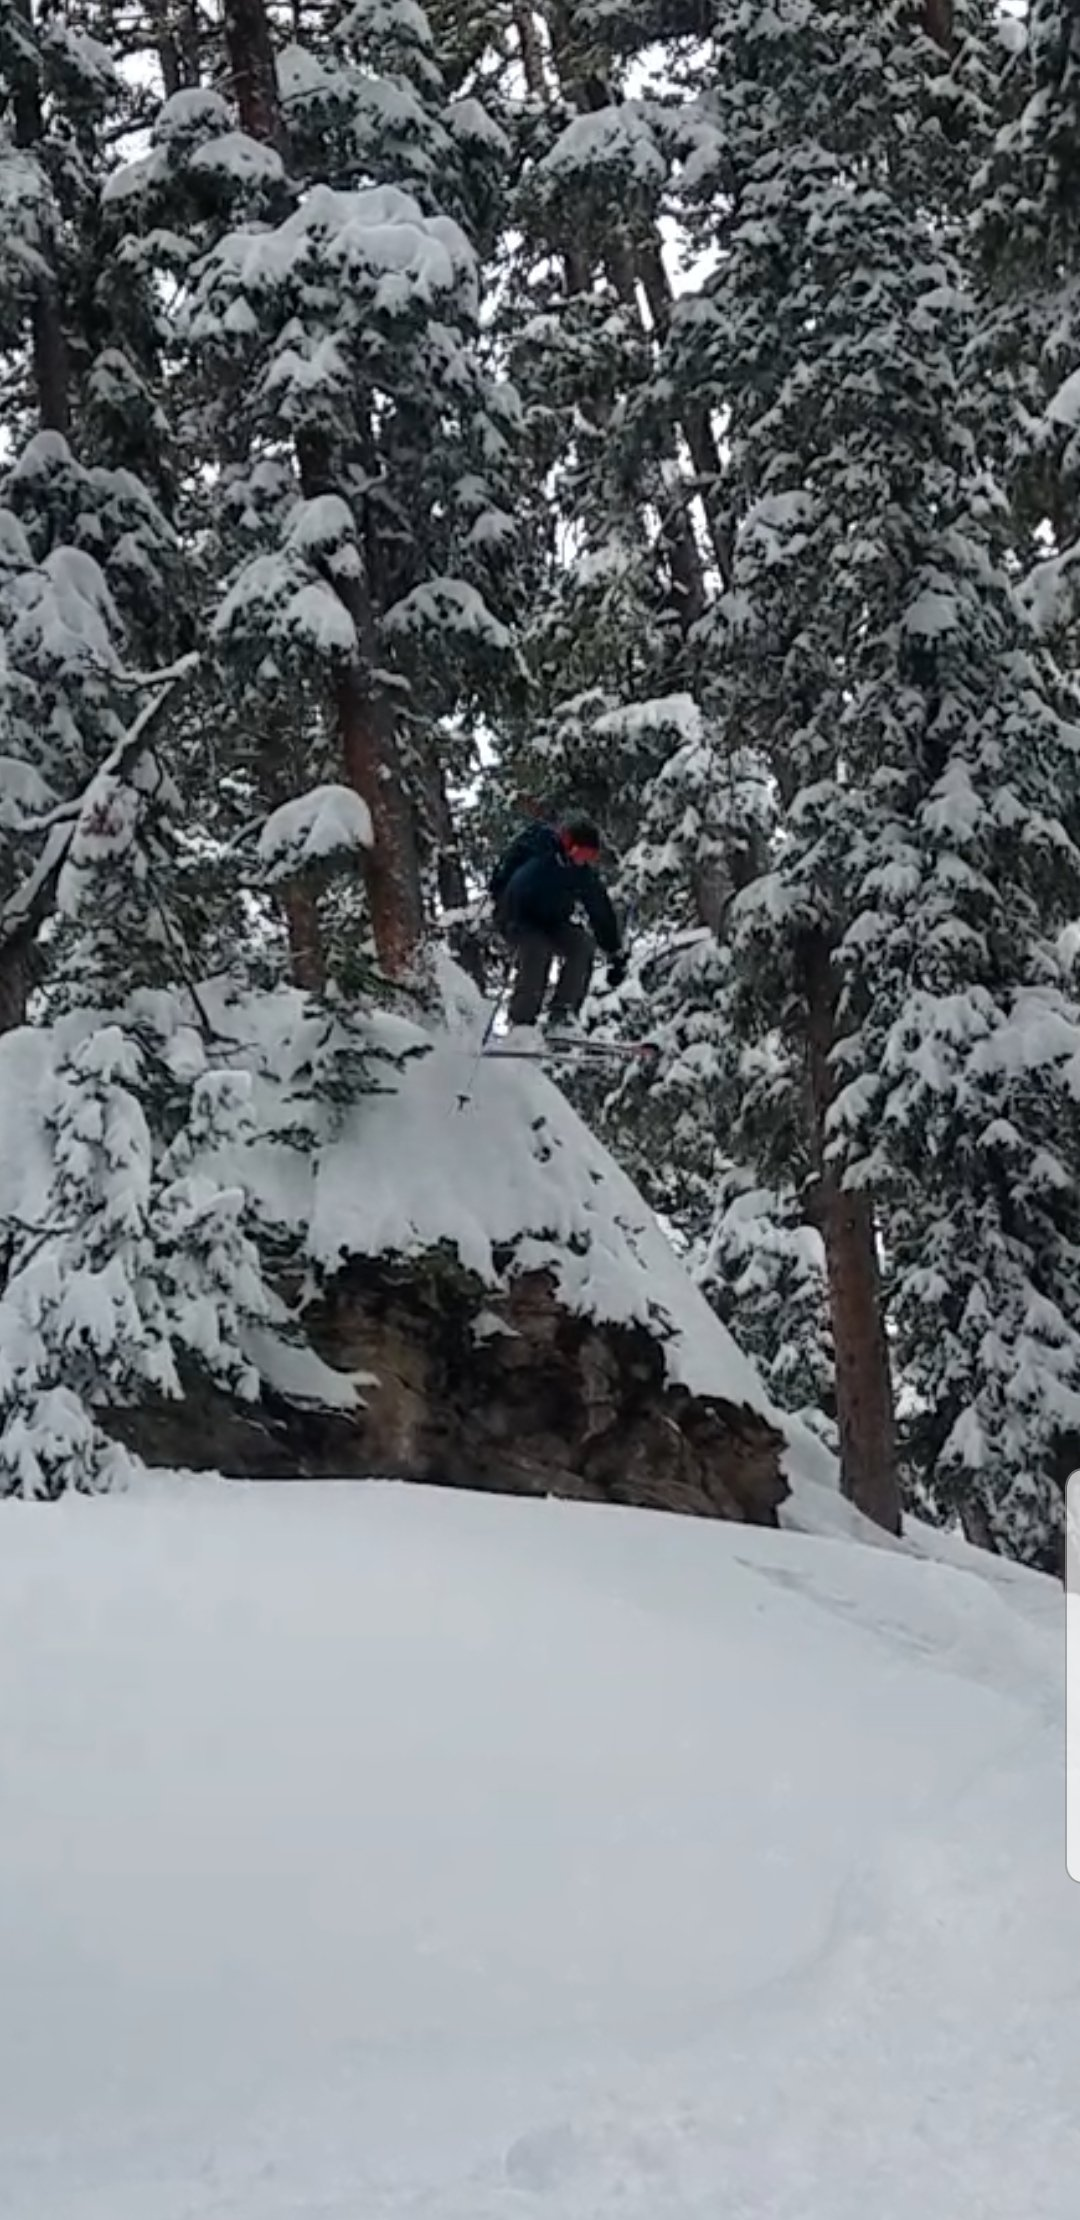 Rocky mountain backcountry